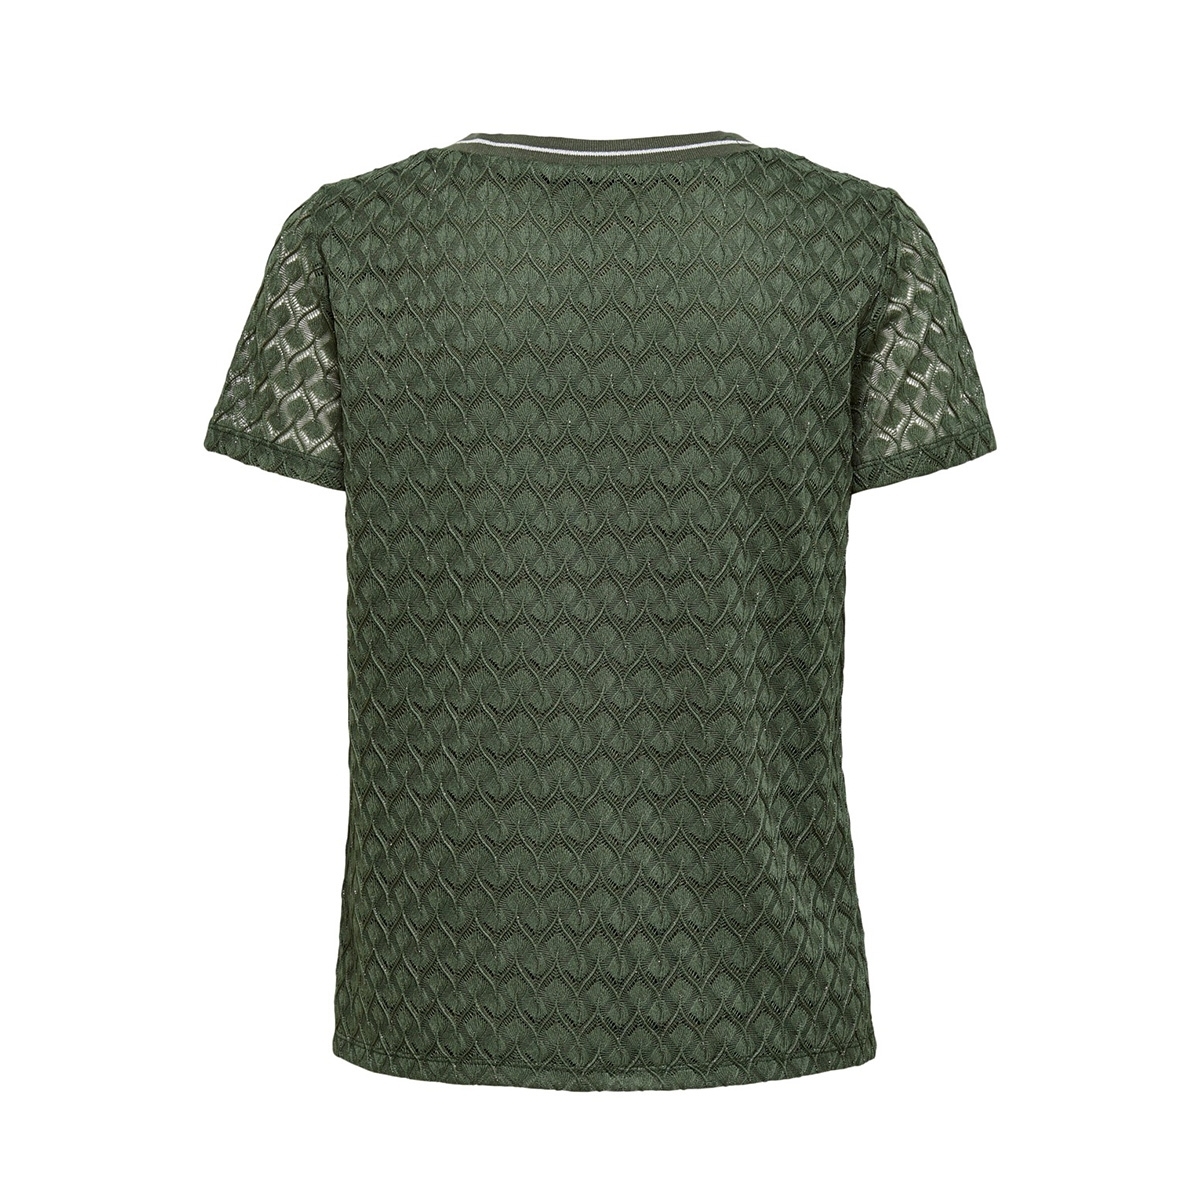 onldaze s/s v-neck top jrs 15202598 only t-shirt kalamata